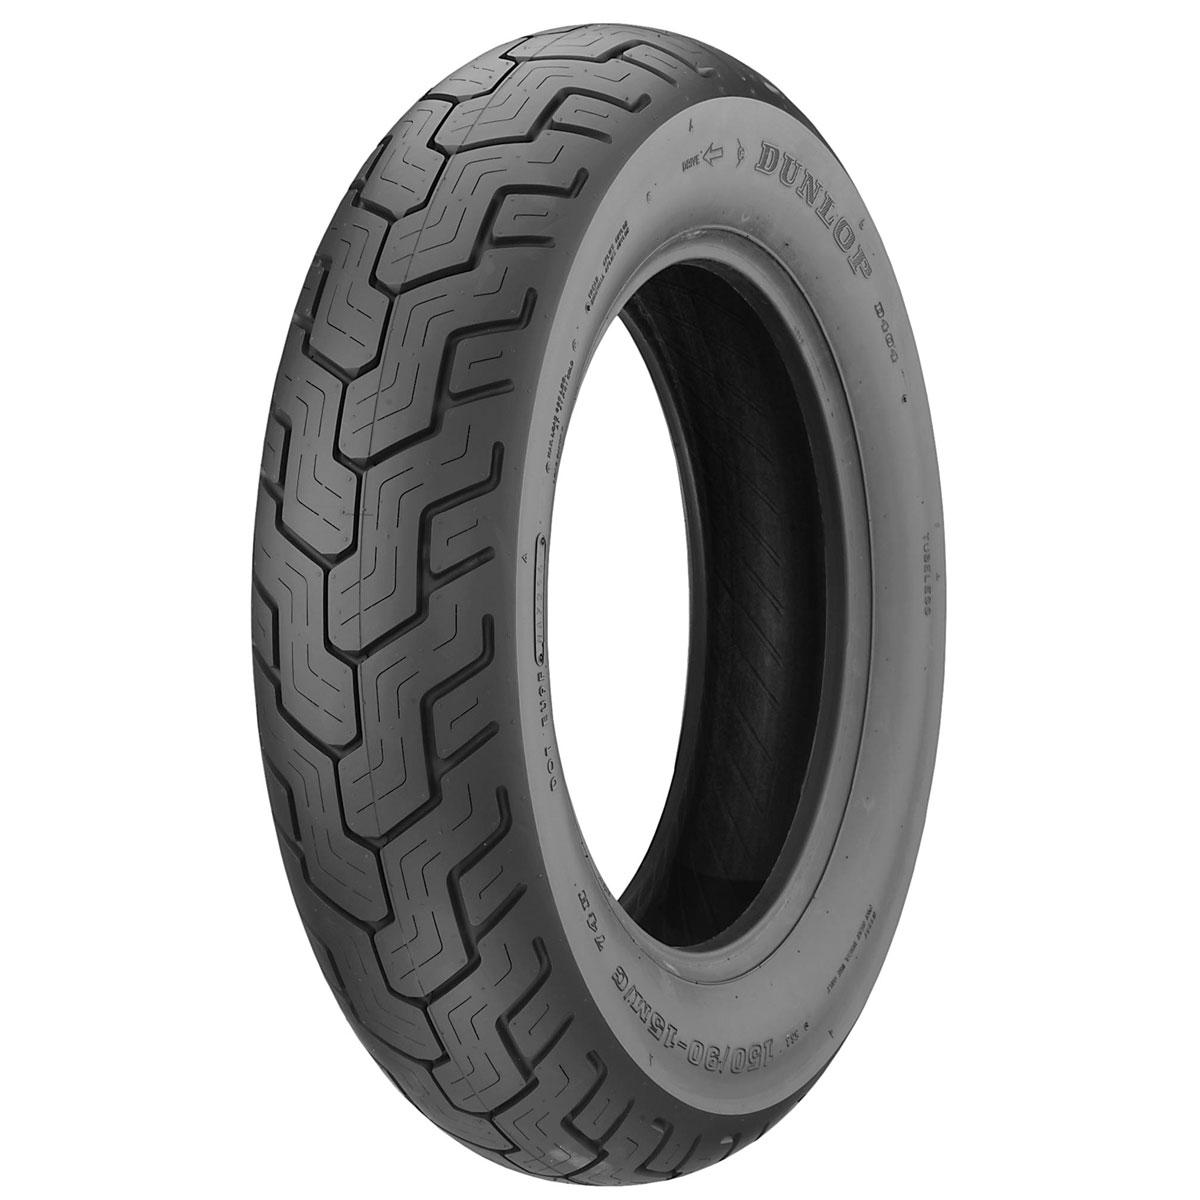 Dunlop D404 170/80-15 Rear Tire